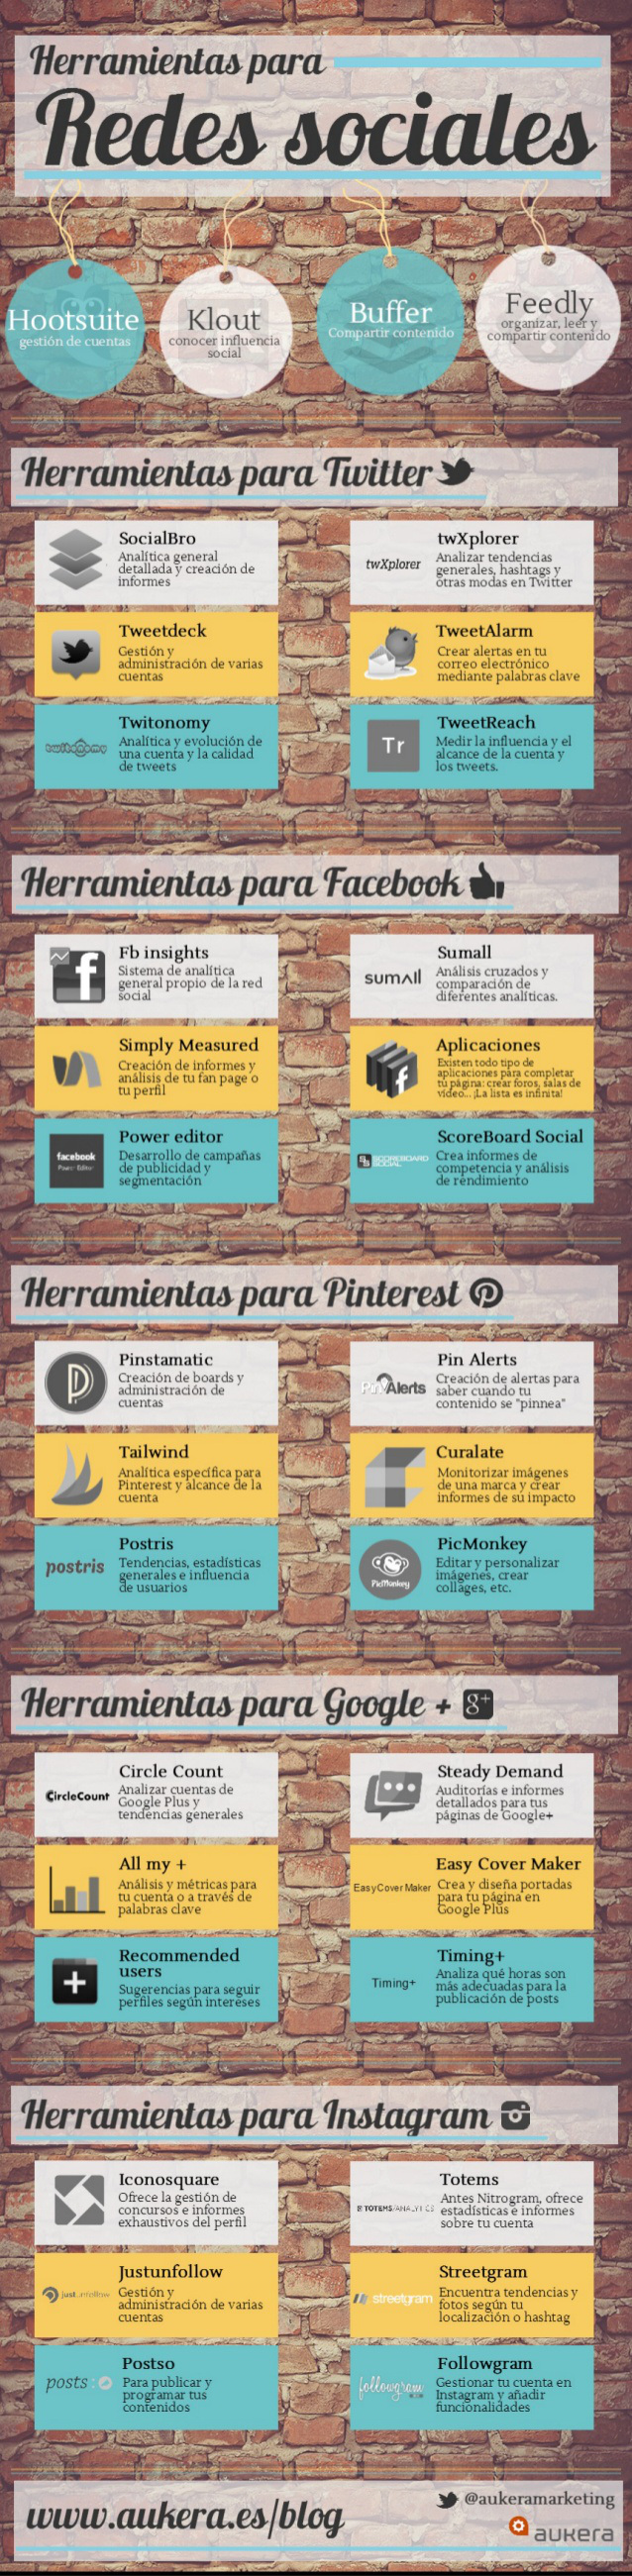 http://ticsyformacion.com/2014/07/21/34-herramientas-para-la-gestion-de-redes-sociales-infografia-infographic-socialmedia/